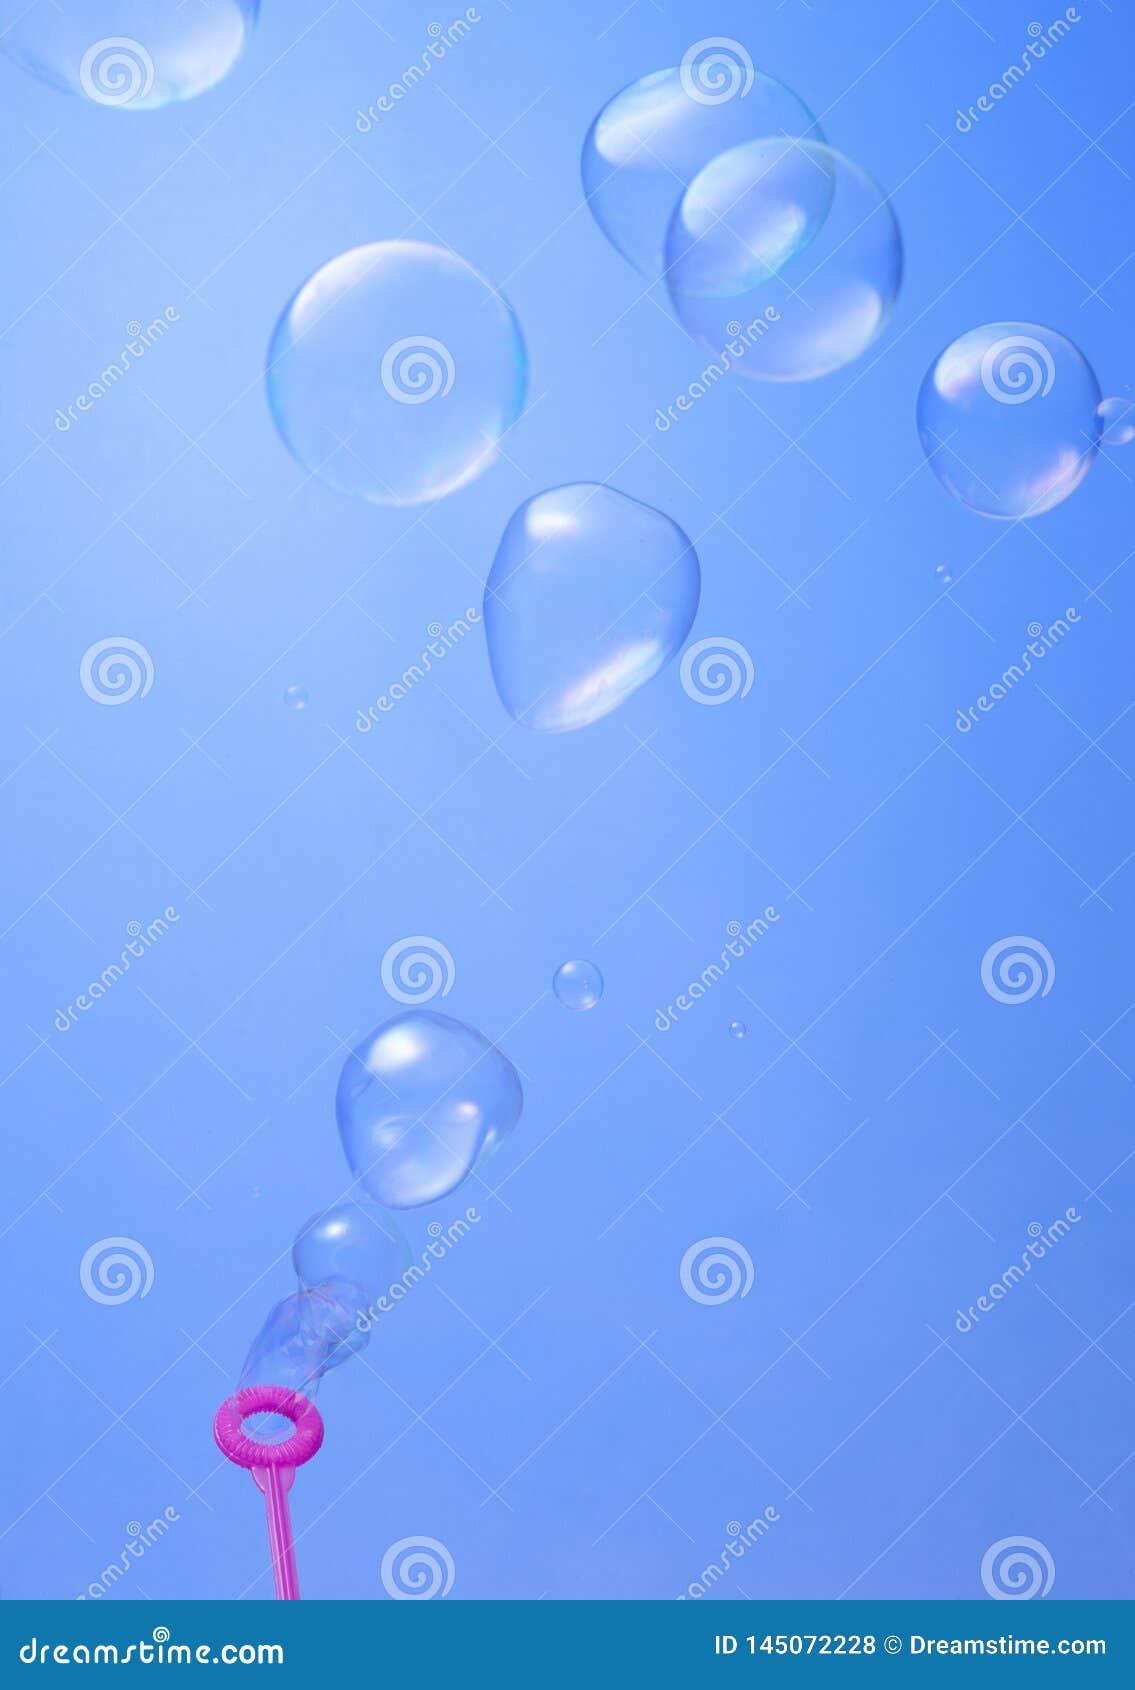 Blazende soepbellen op blauwe achtergrond